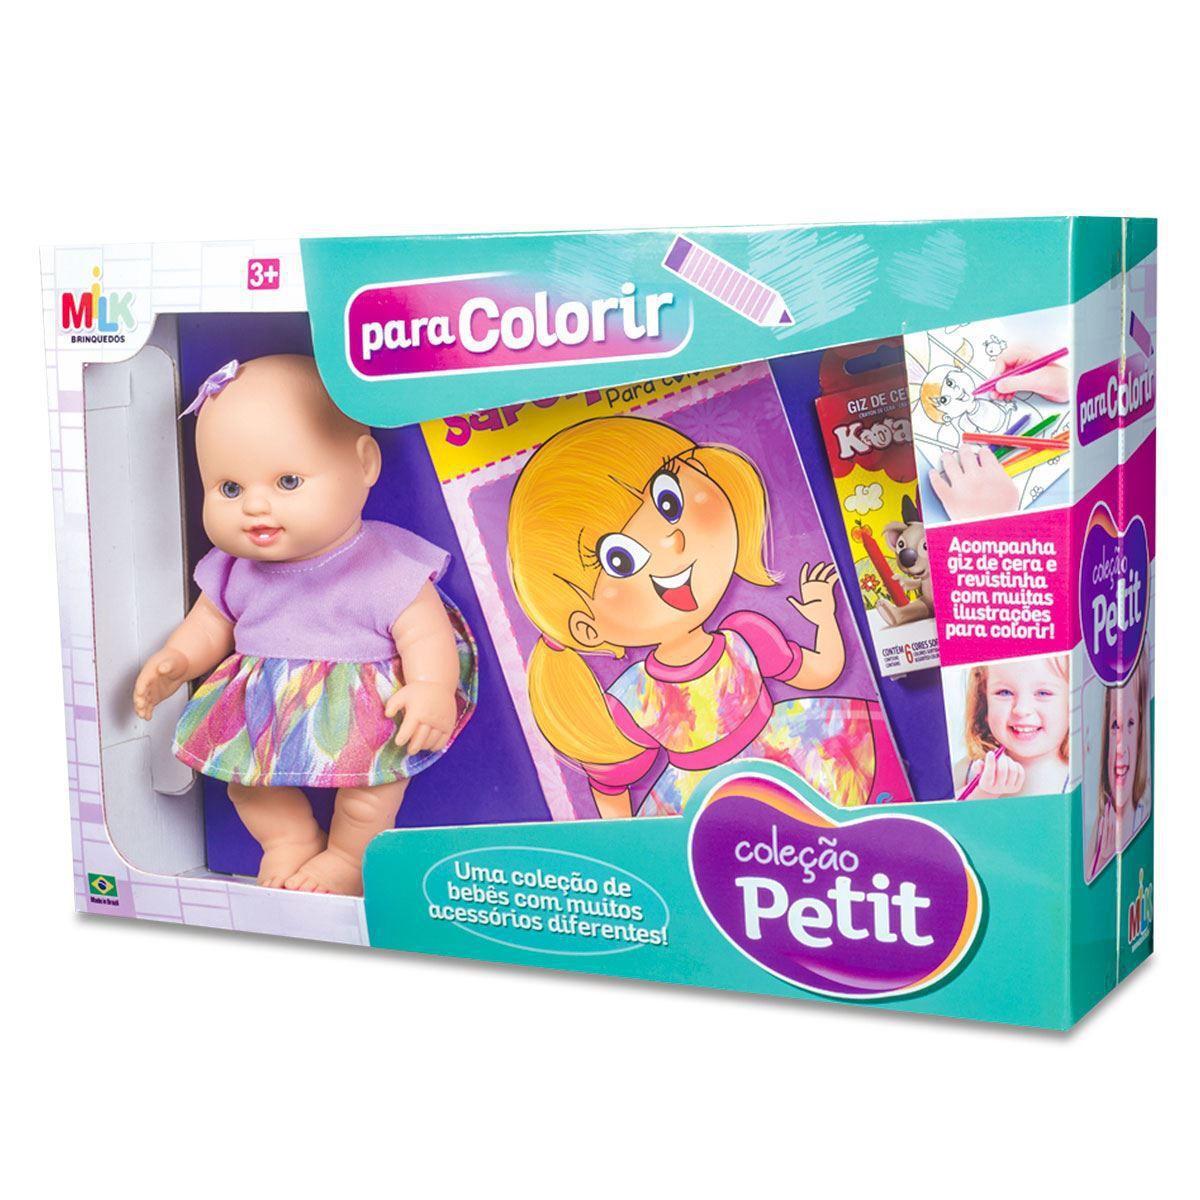 Boneca Coleção Petit Milk Brinquedos Para Colorir